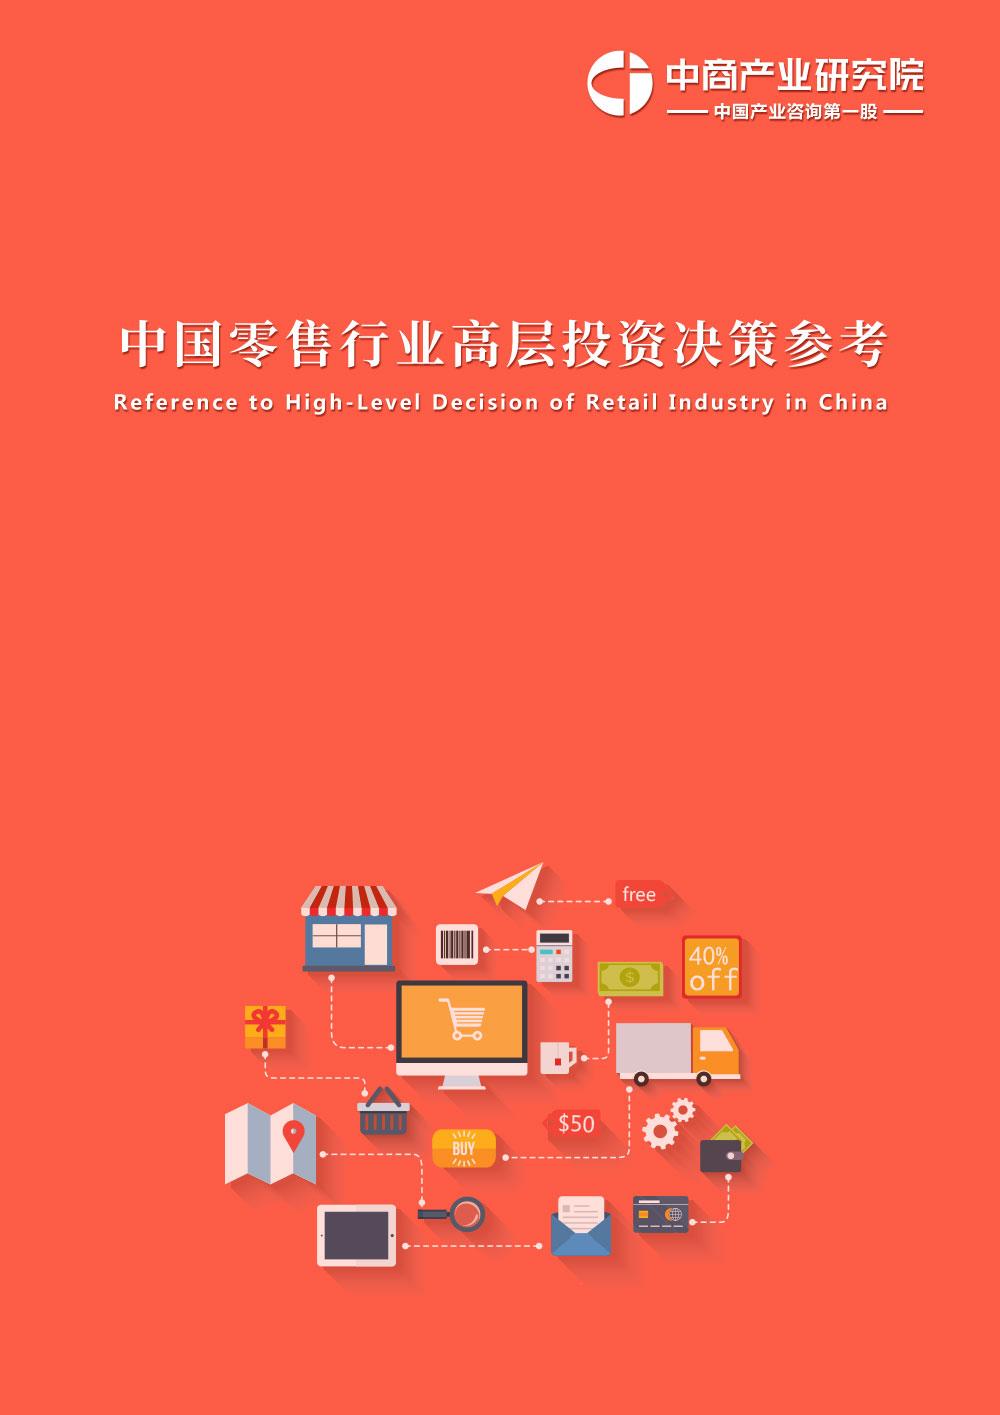 中国零售消费行业投资决策参考(2019年8月)